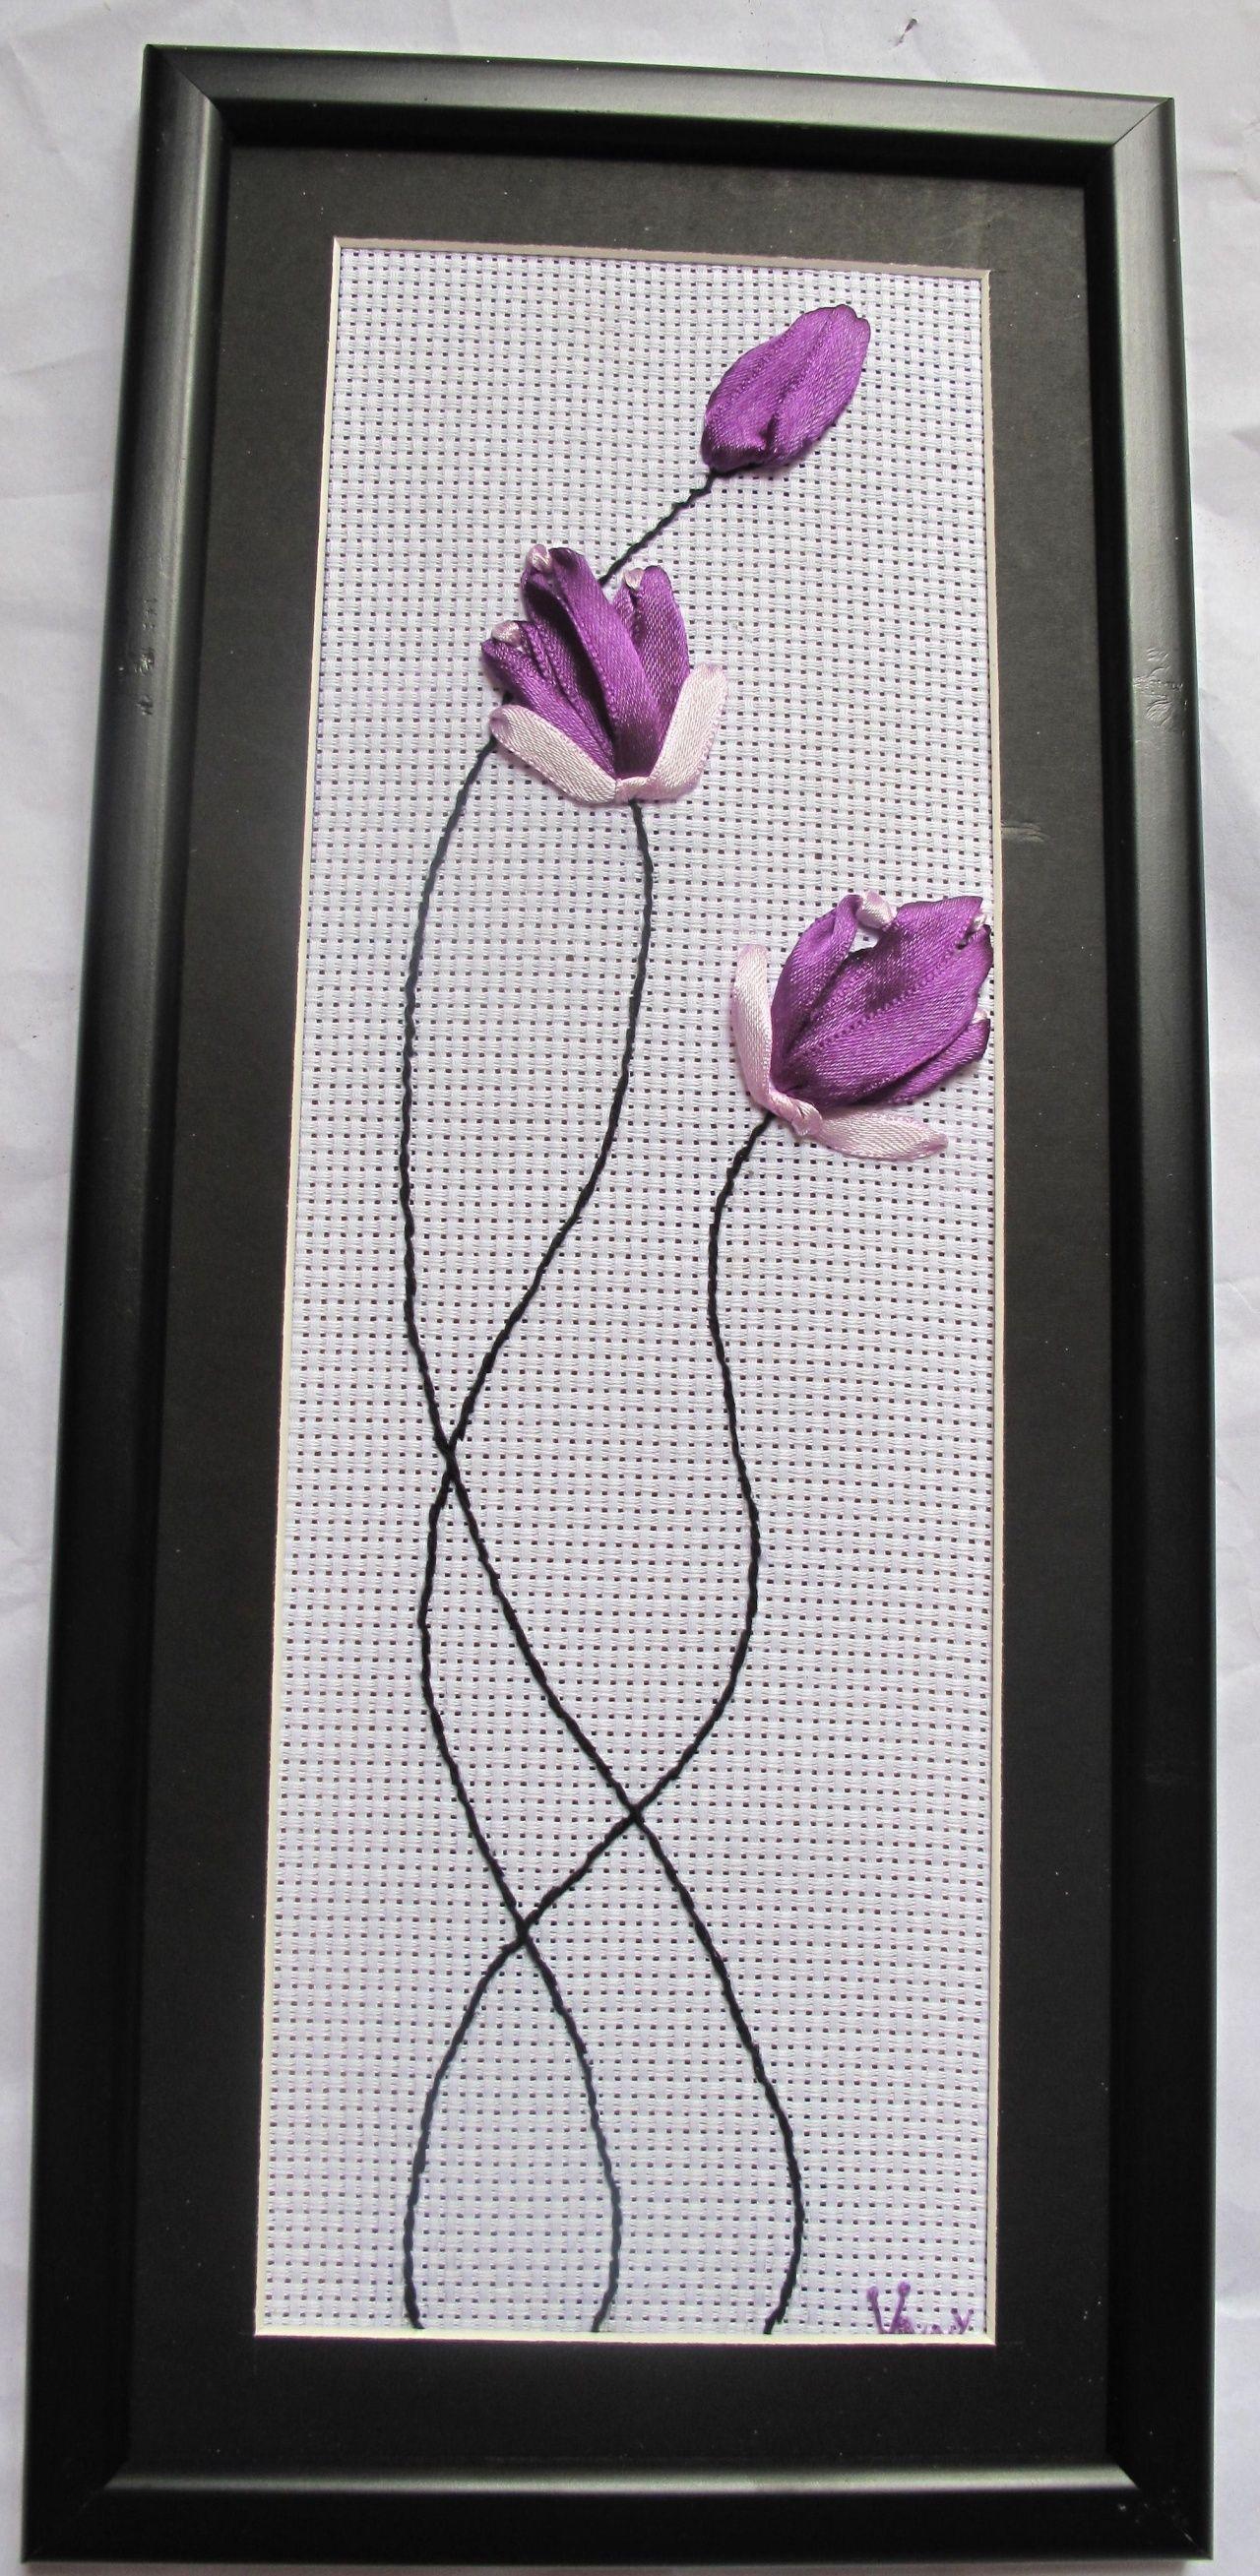 bimbim_bt Ribbon embroidery, Brazilian embroidery, Opera